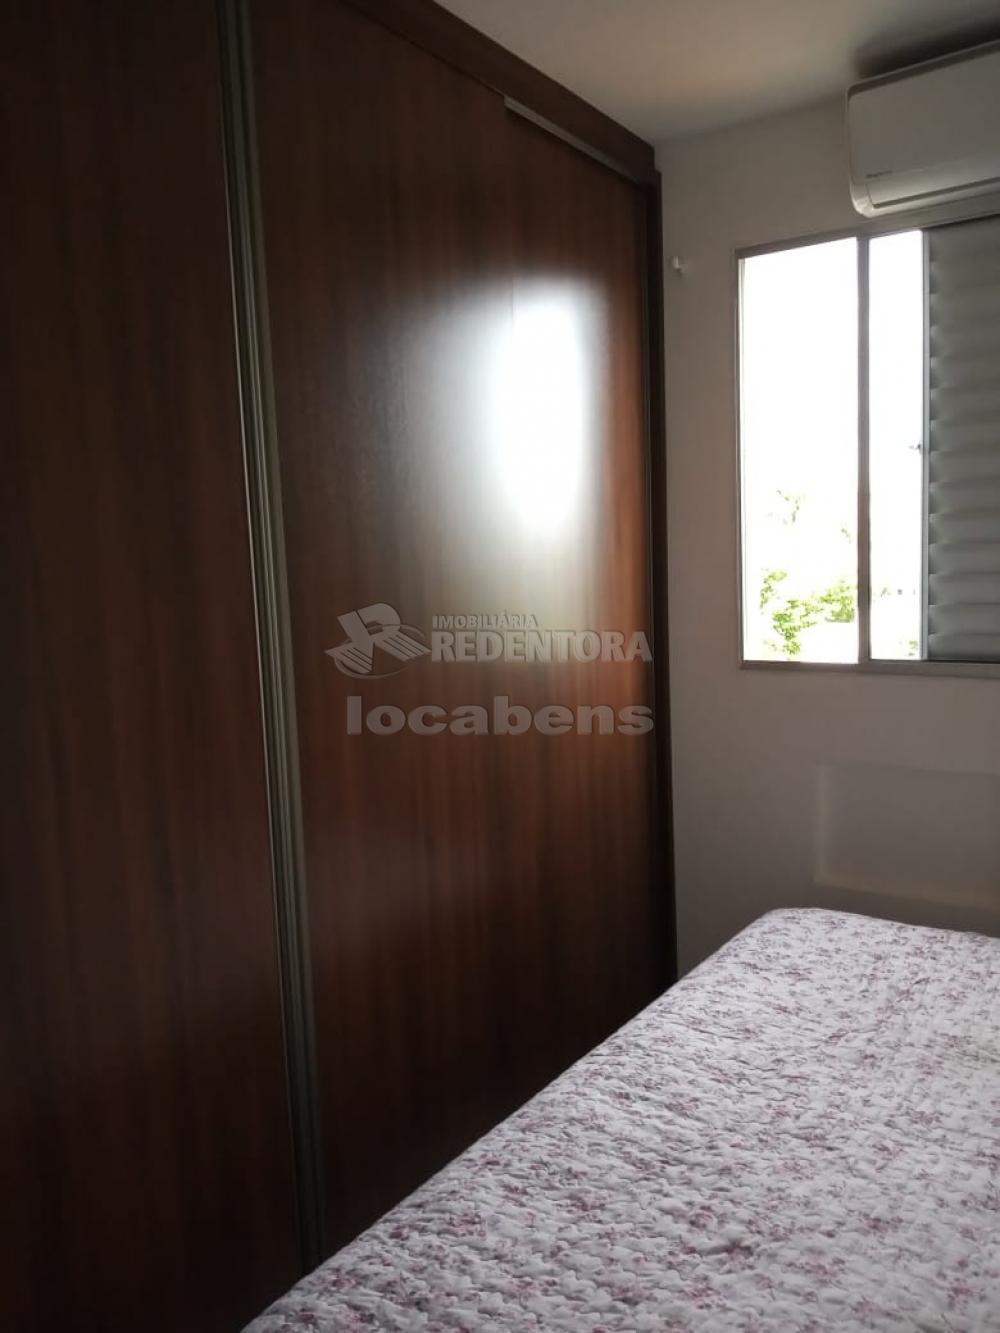 Comprar Apartamento / Padrão em São José do Rio Preto R$ 165.000,00 - Foto 12